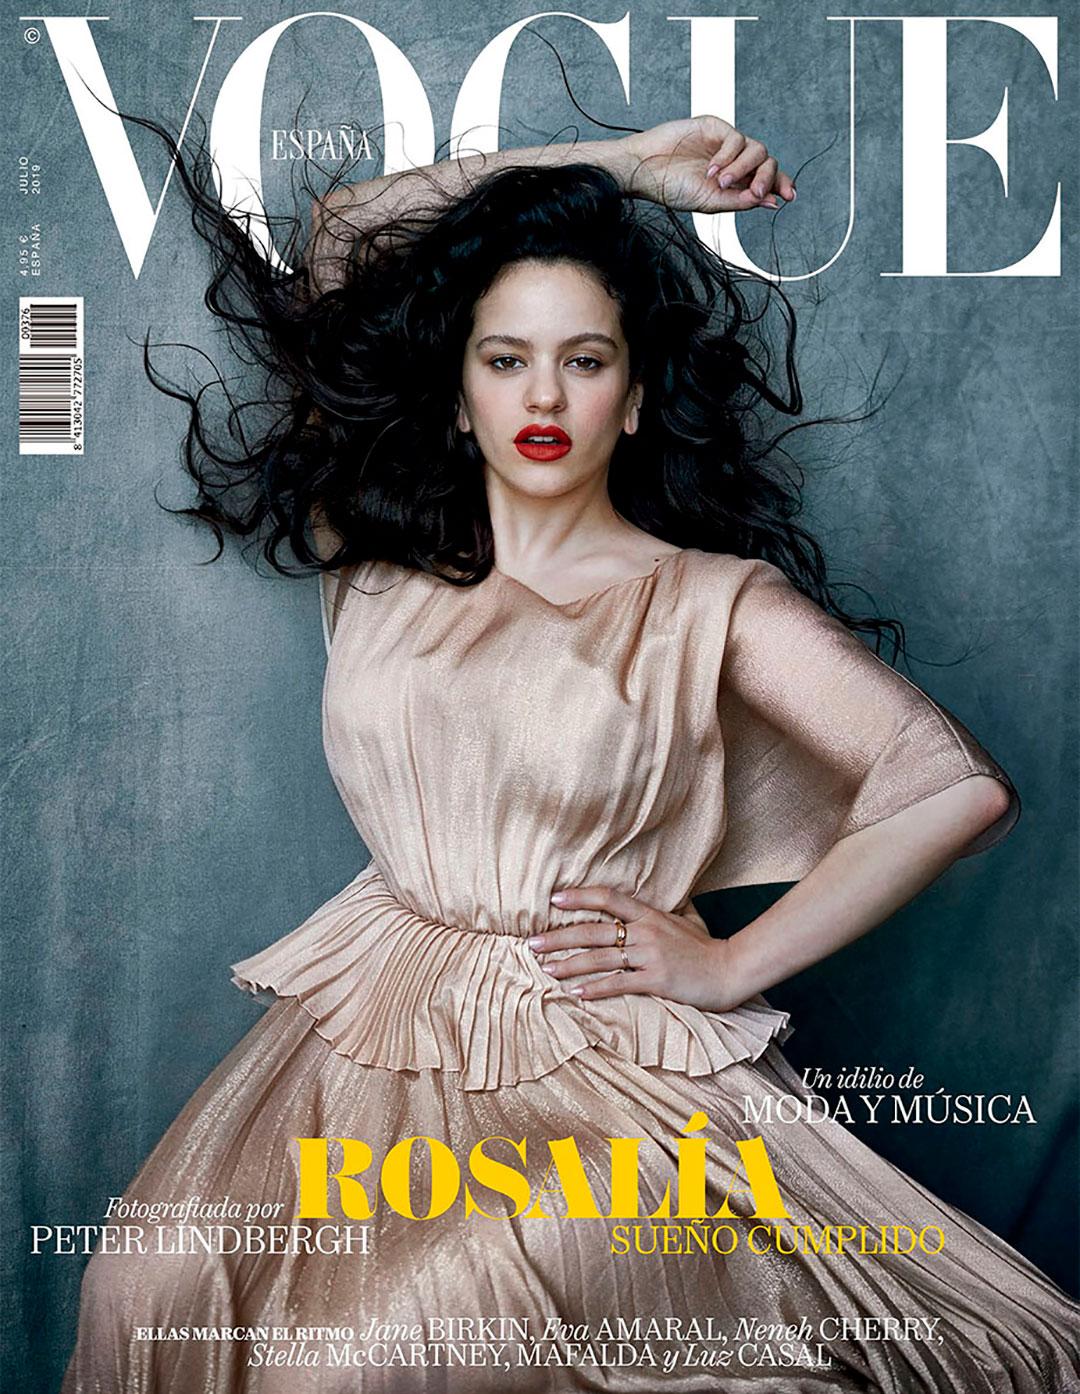 La cantante Rosalía fue portada de Vogue en julio de este 2019 para la edición española de Vogue y fue uno de los últimos trabajos del fotógrafo